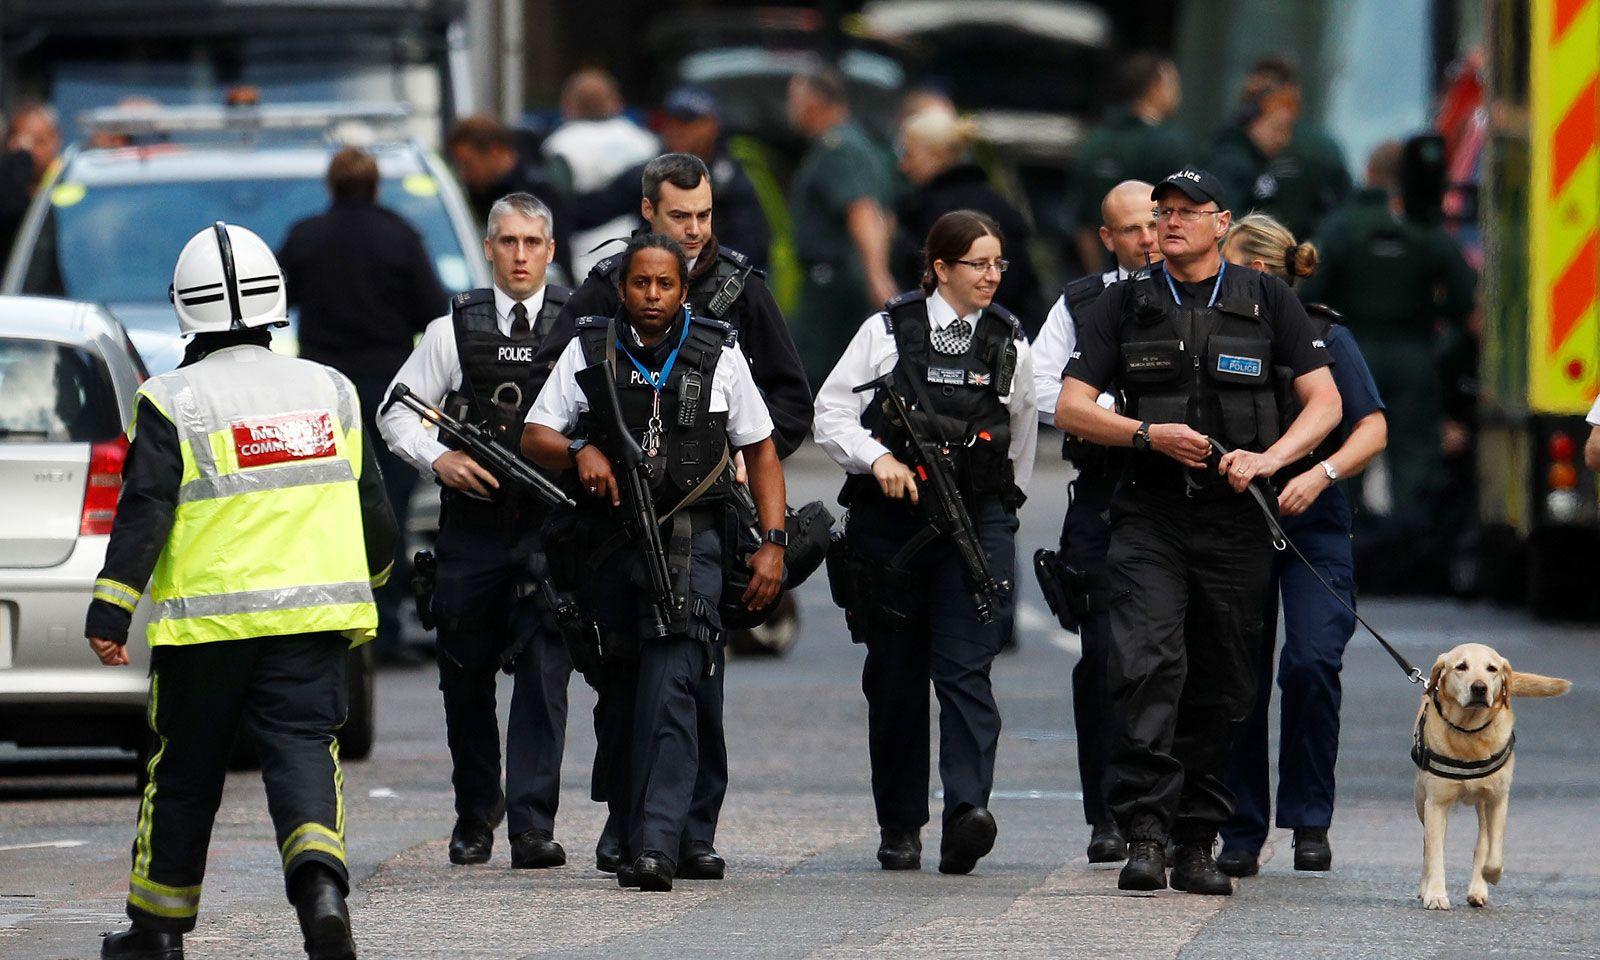 Schwer bewaffnete Polizisten patrouillieren am Sonntag im Bereich um die London Bridge und den Borough Market. Die Londoner Polizei wird als Reaktion auf die Terrorattacken ihre Präsenz in der britischen Hauptstadt in den nächsten Tagen verstärken.